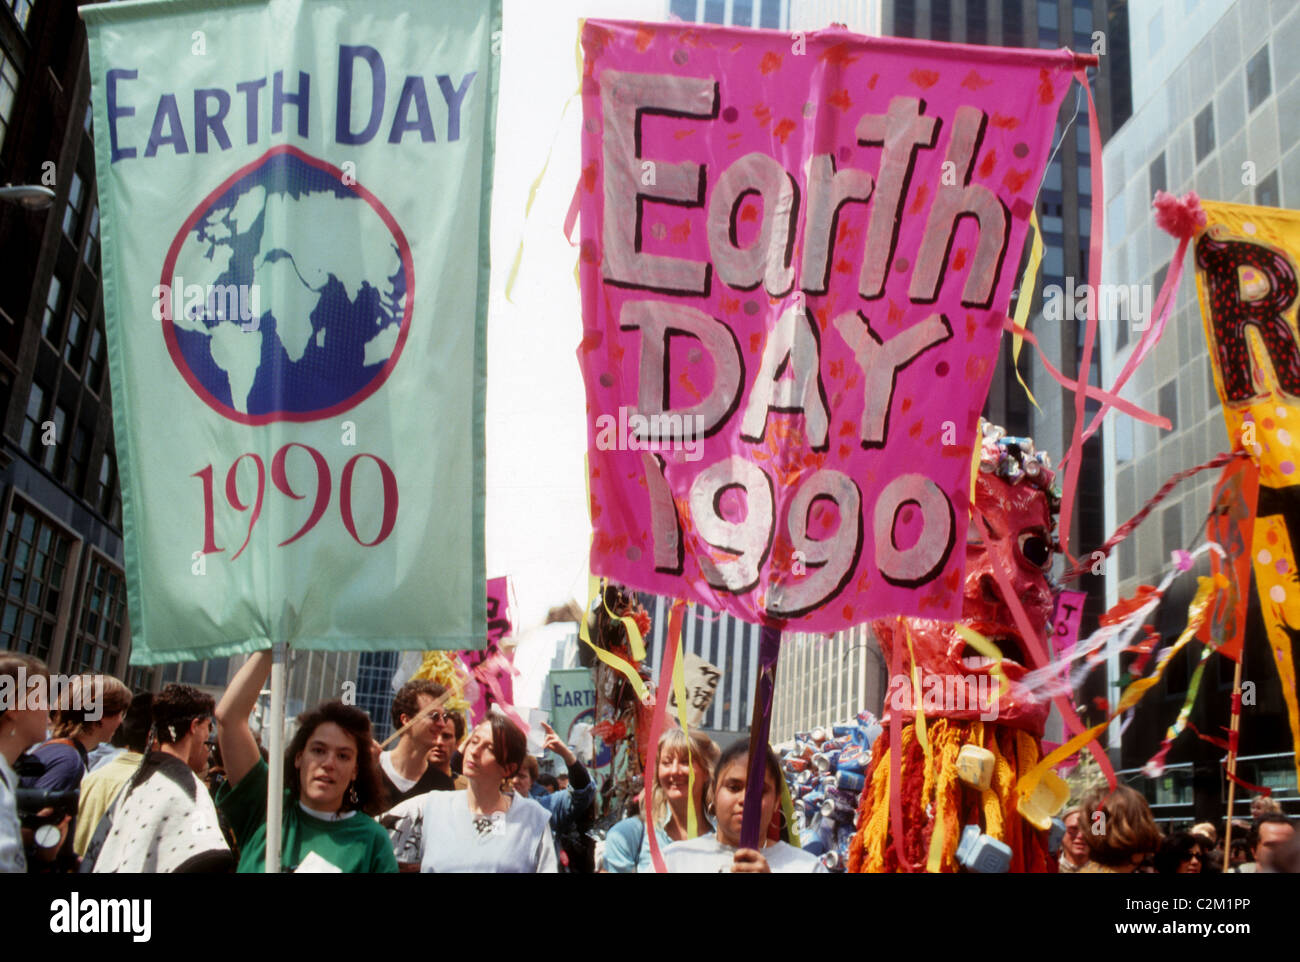 Desfile del Día de la tierra y el festival de Nueva York el día de la tierra, 22 de abril de 1990. (© Imagen De Stock